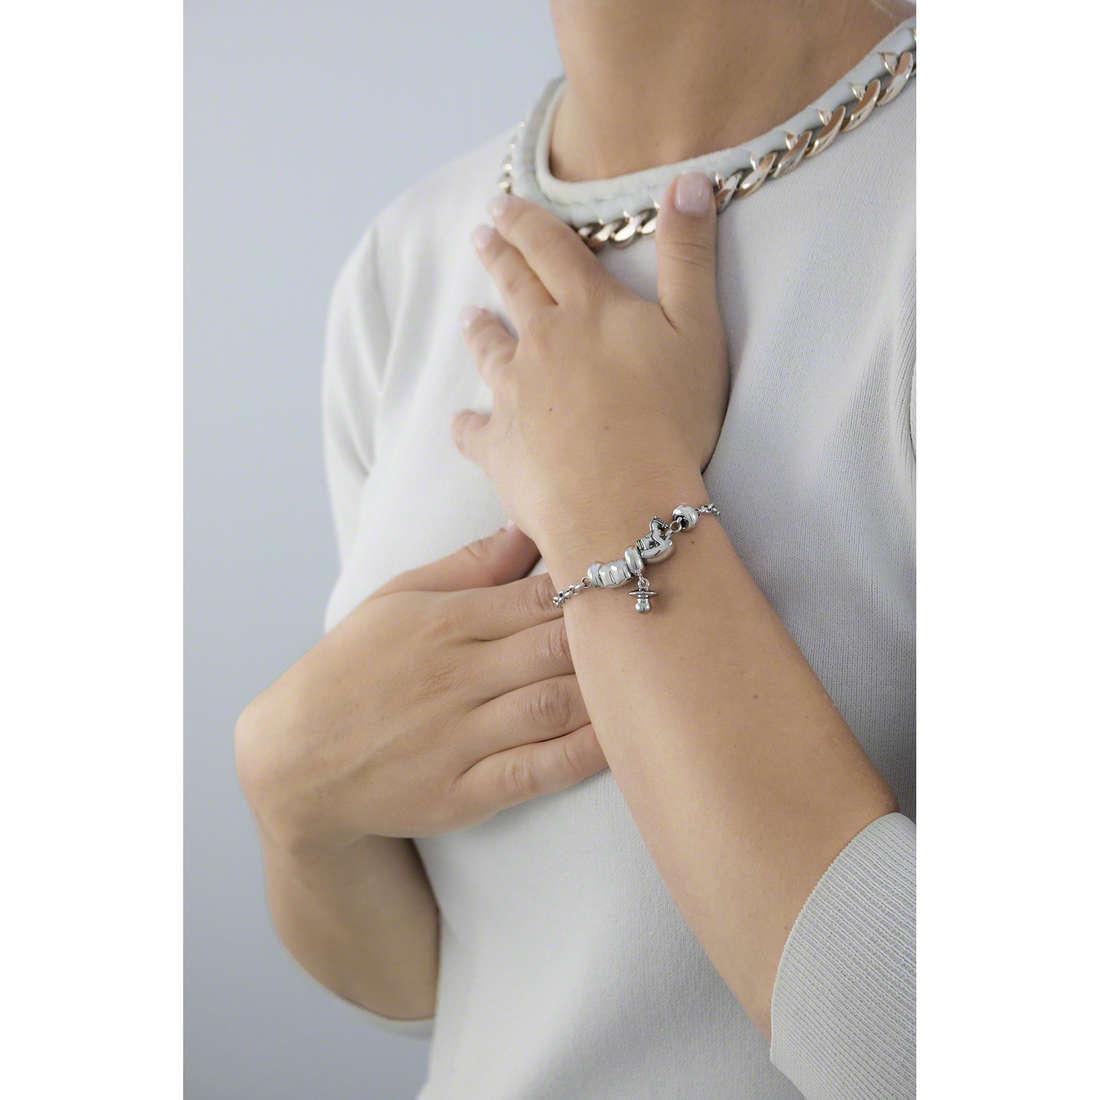 Morellato bracciali Drops donna SCZ719 indosso